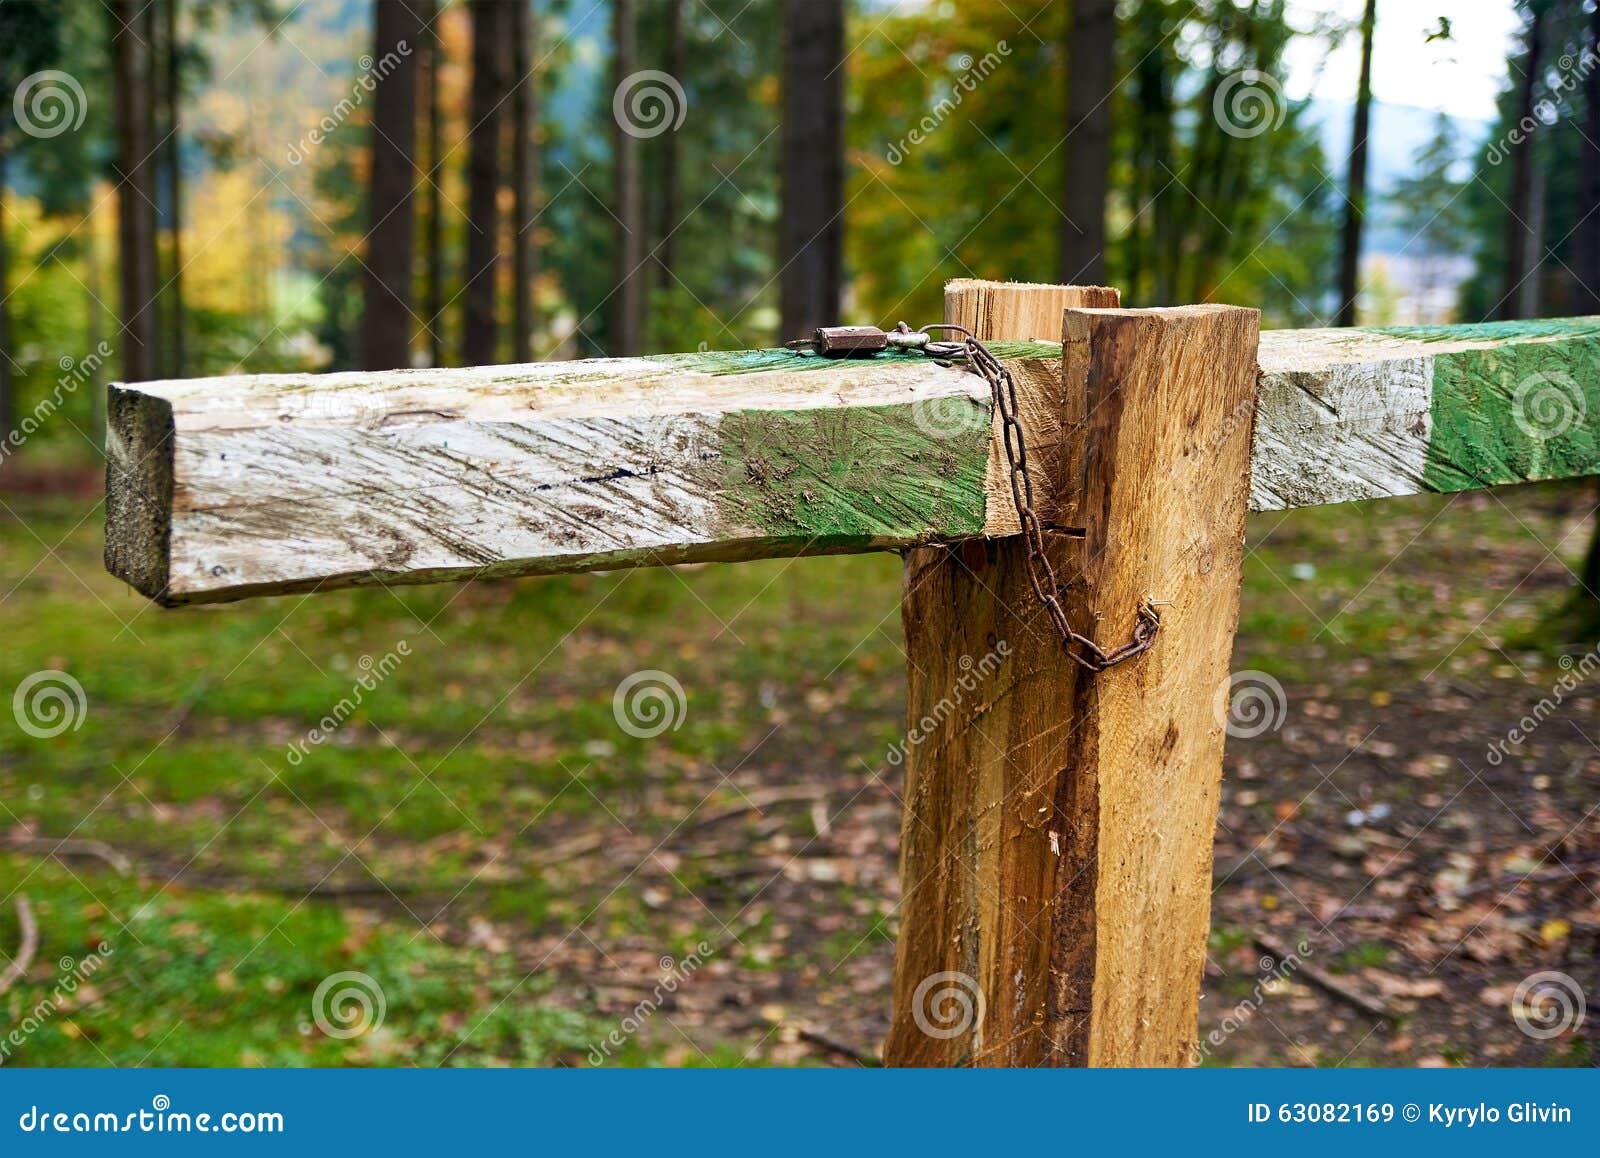 Download Fermé Avec La Porte De Barre De Barrière De Serrure Dans La Forêt Image stock - Image du pré, forêt: 63082169